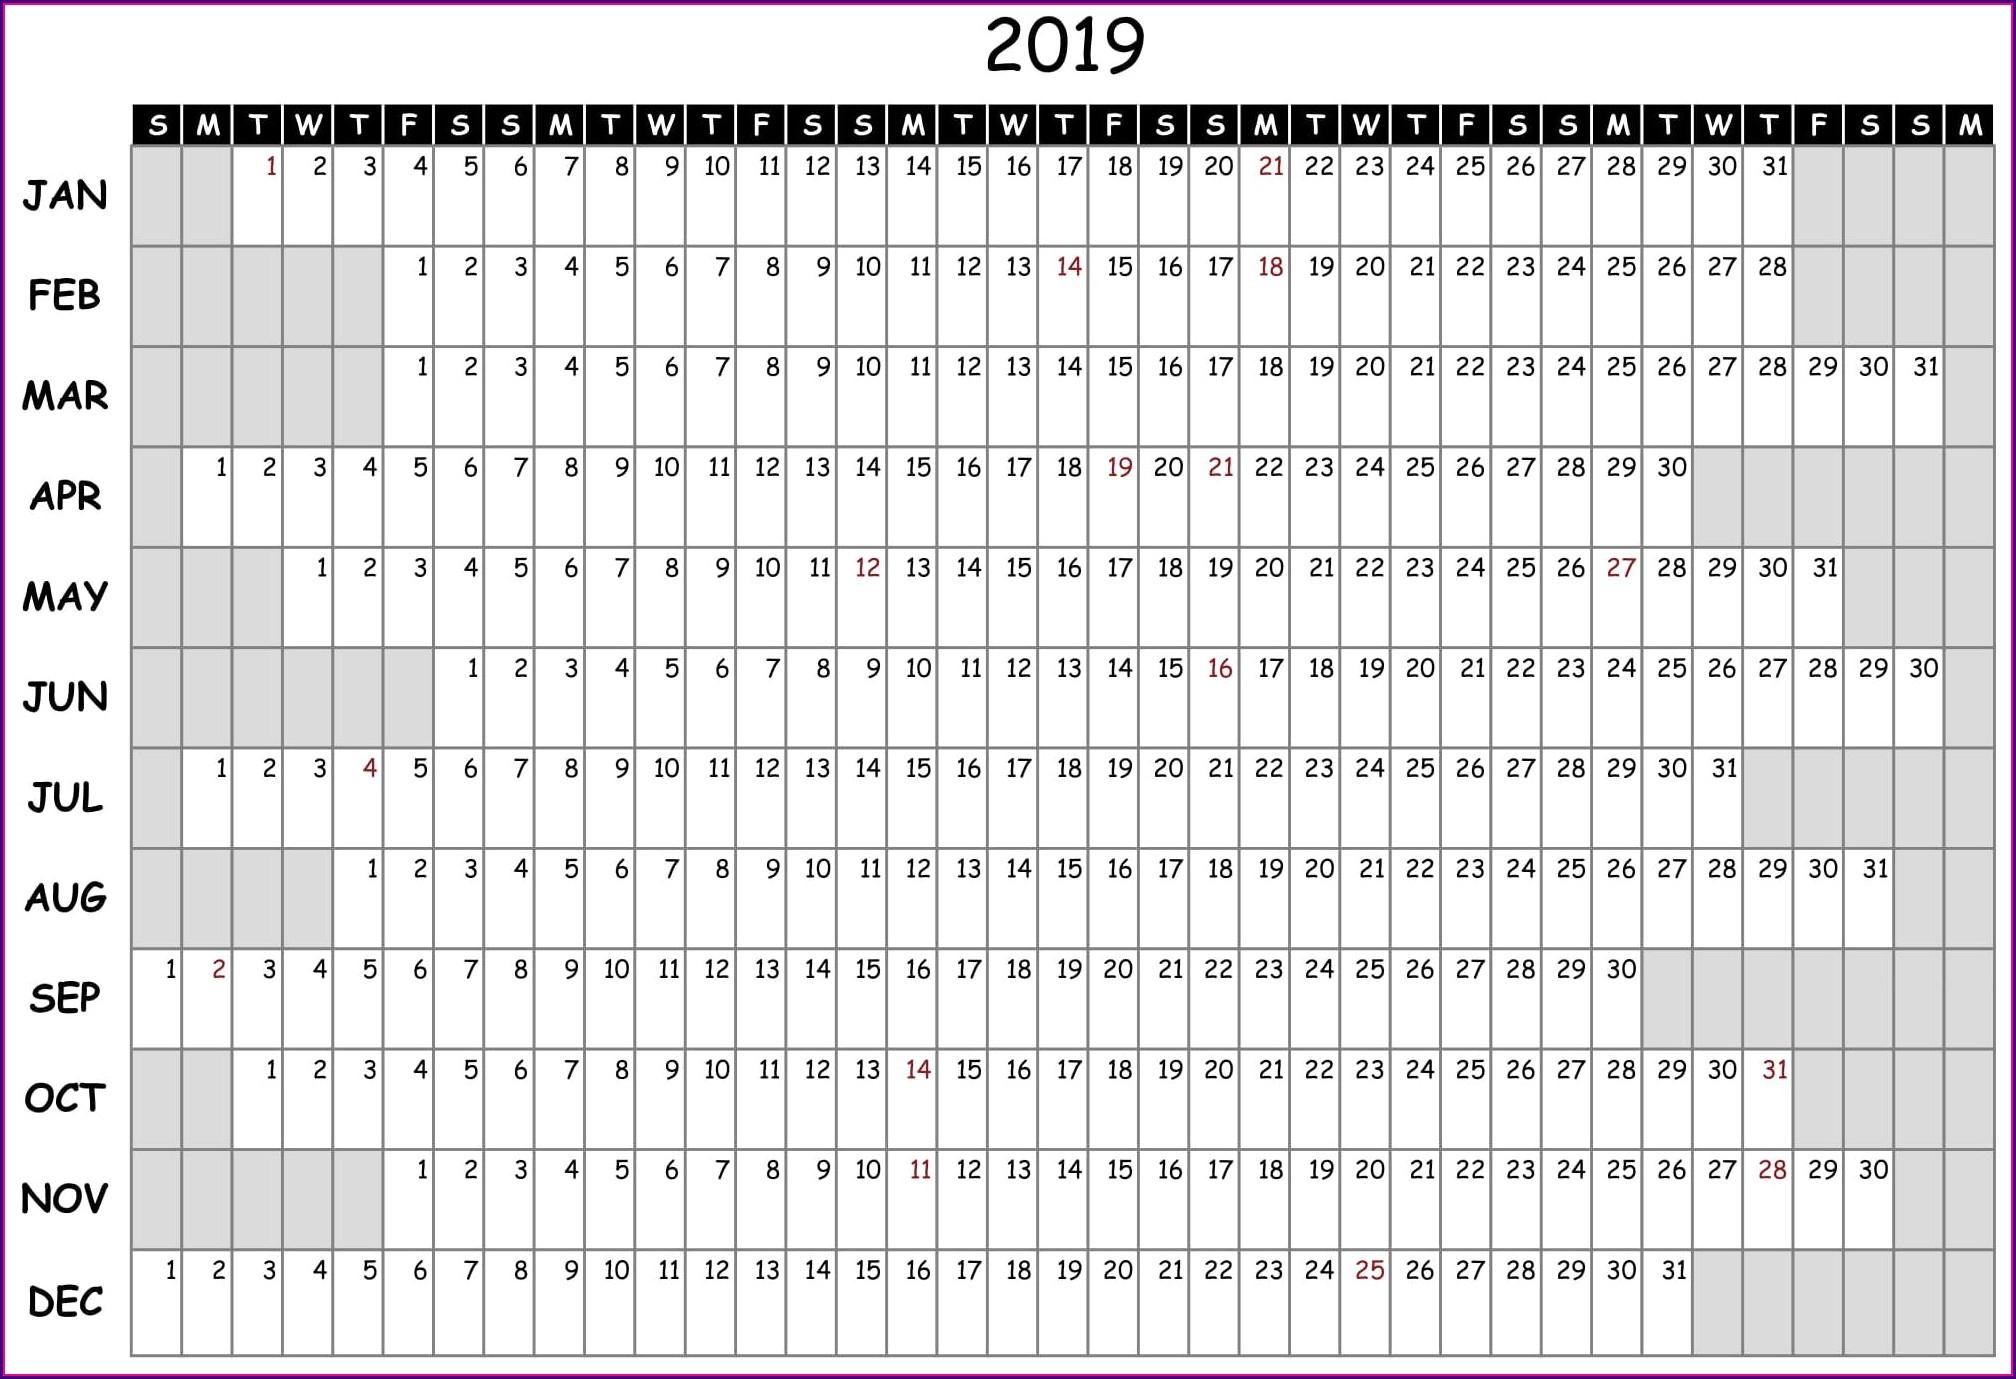 2019 Employee Attendance Calendar Template